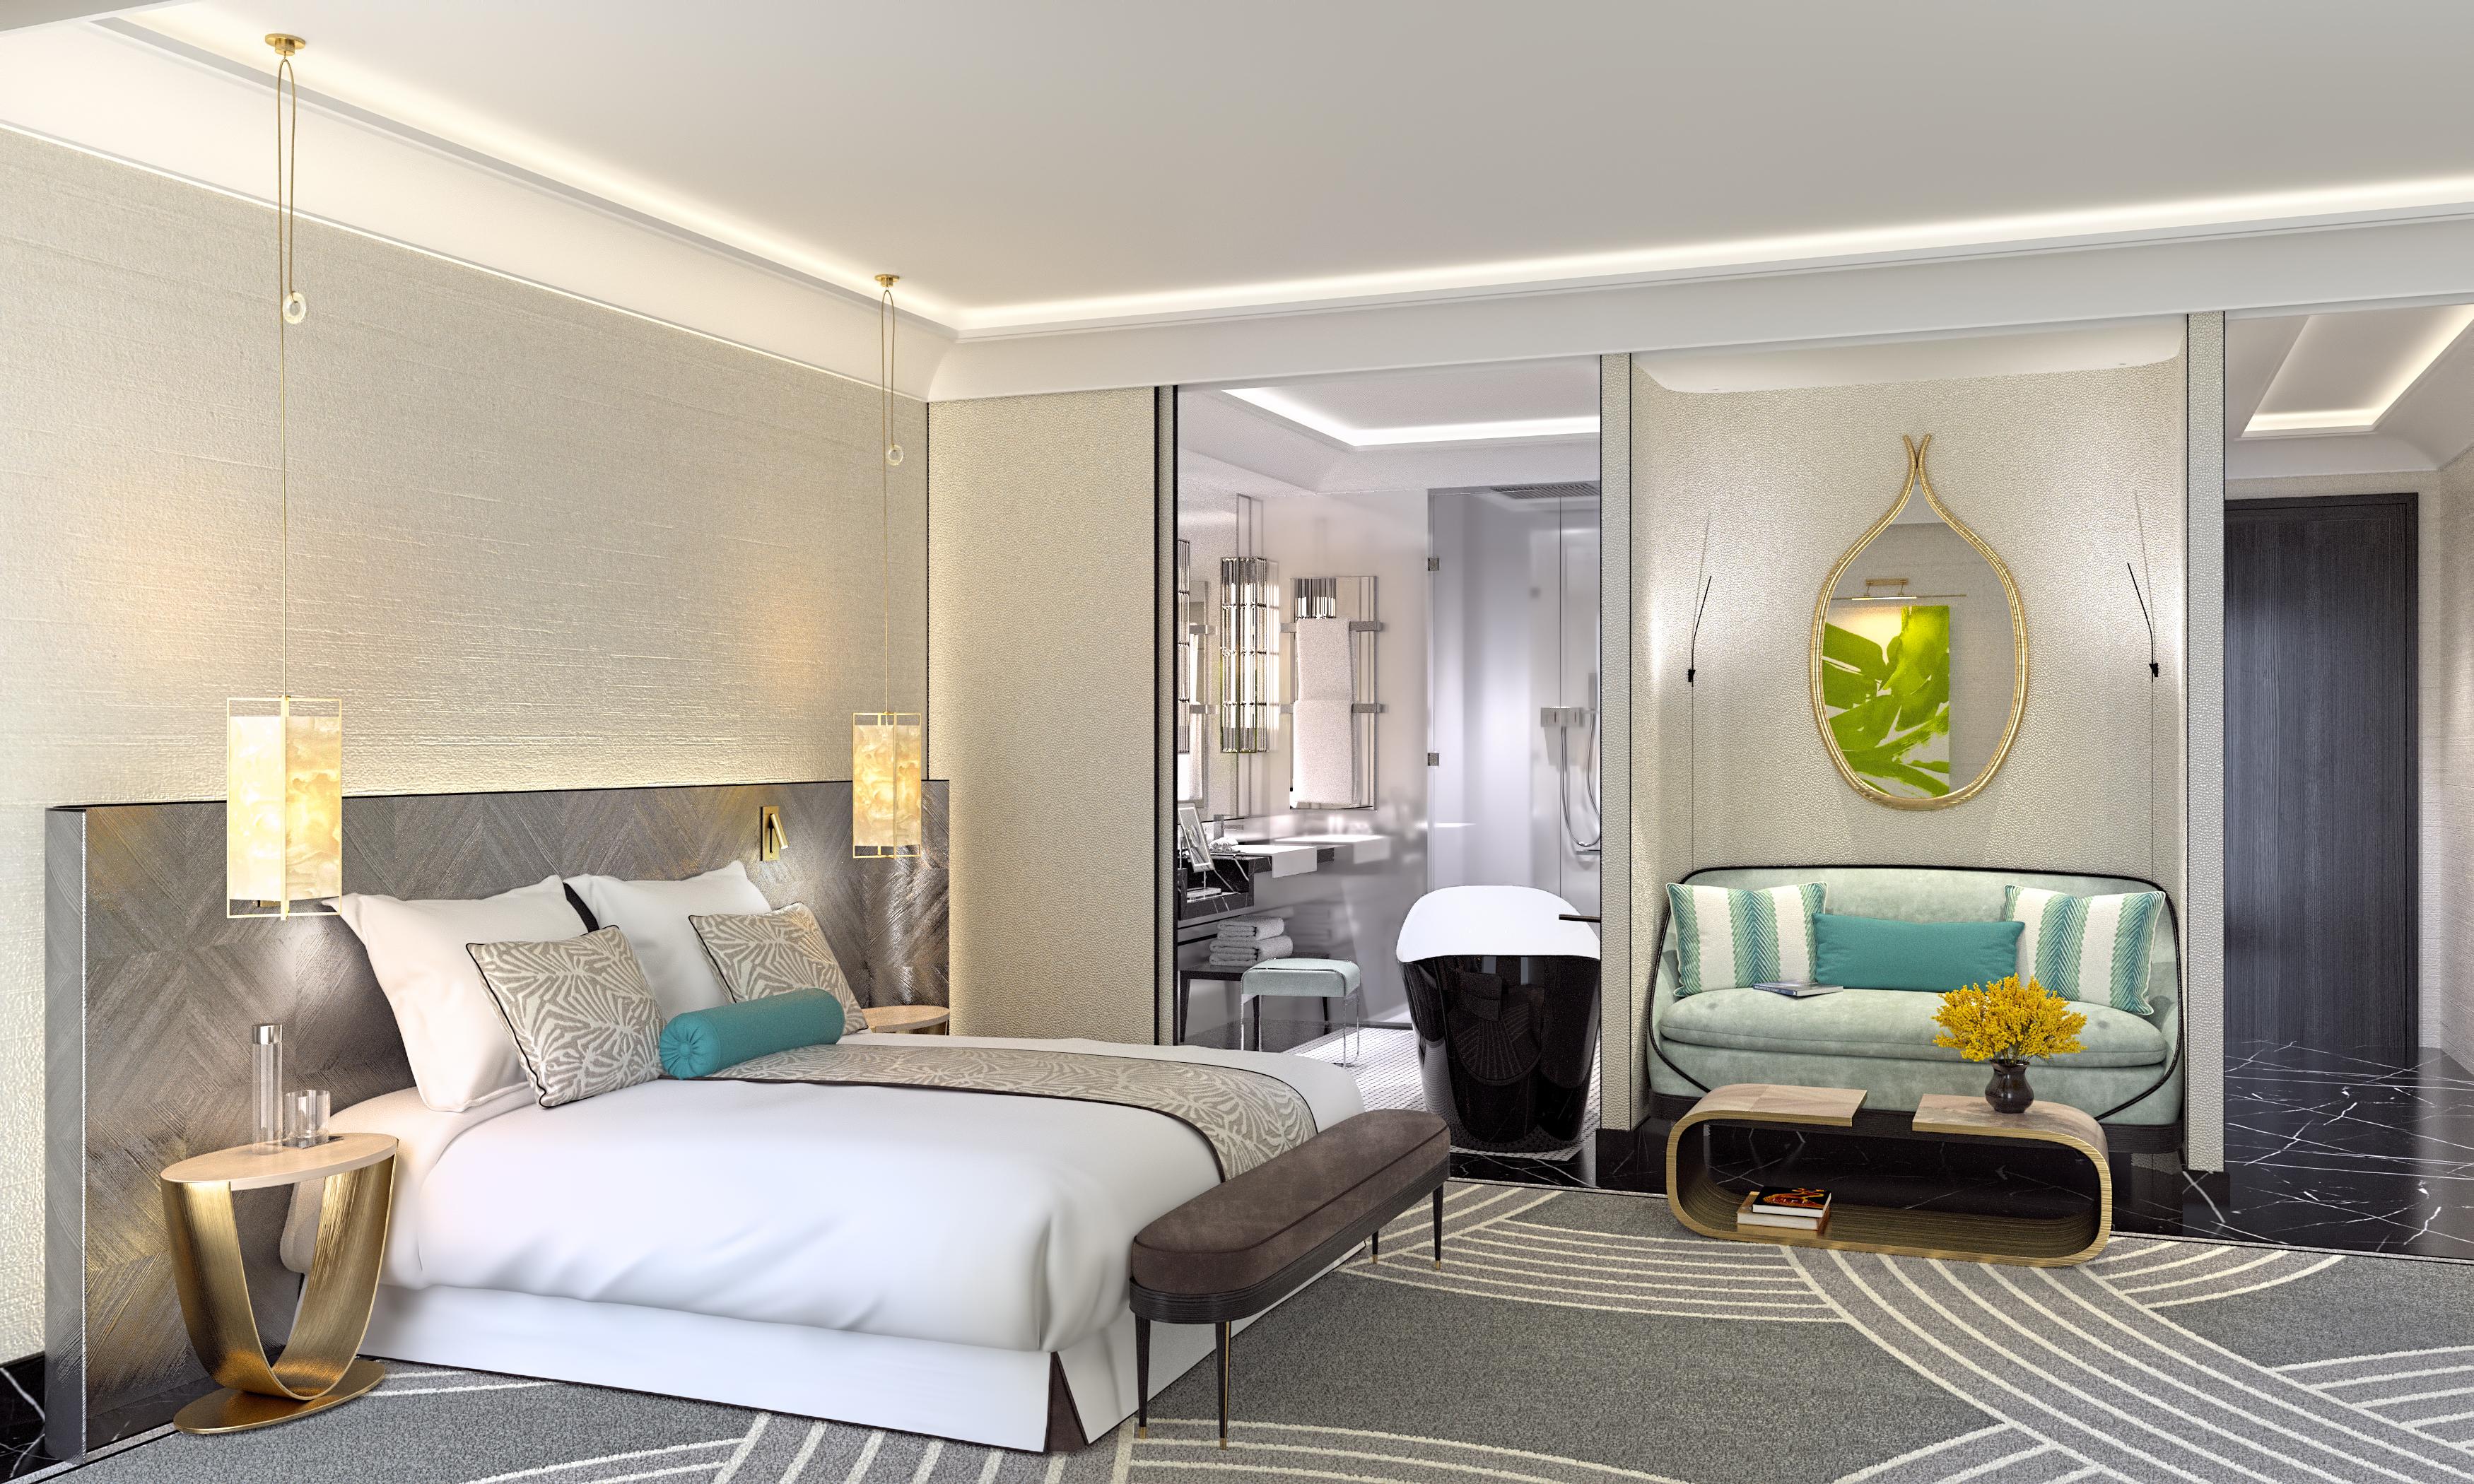 Paris Inn Group annonce la création du 7ème Hotel Maison Albar au cœur du centre-ville de Nice